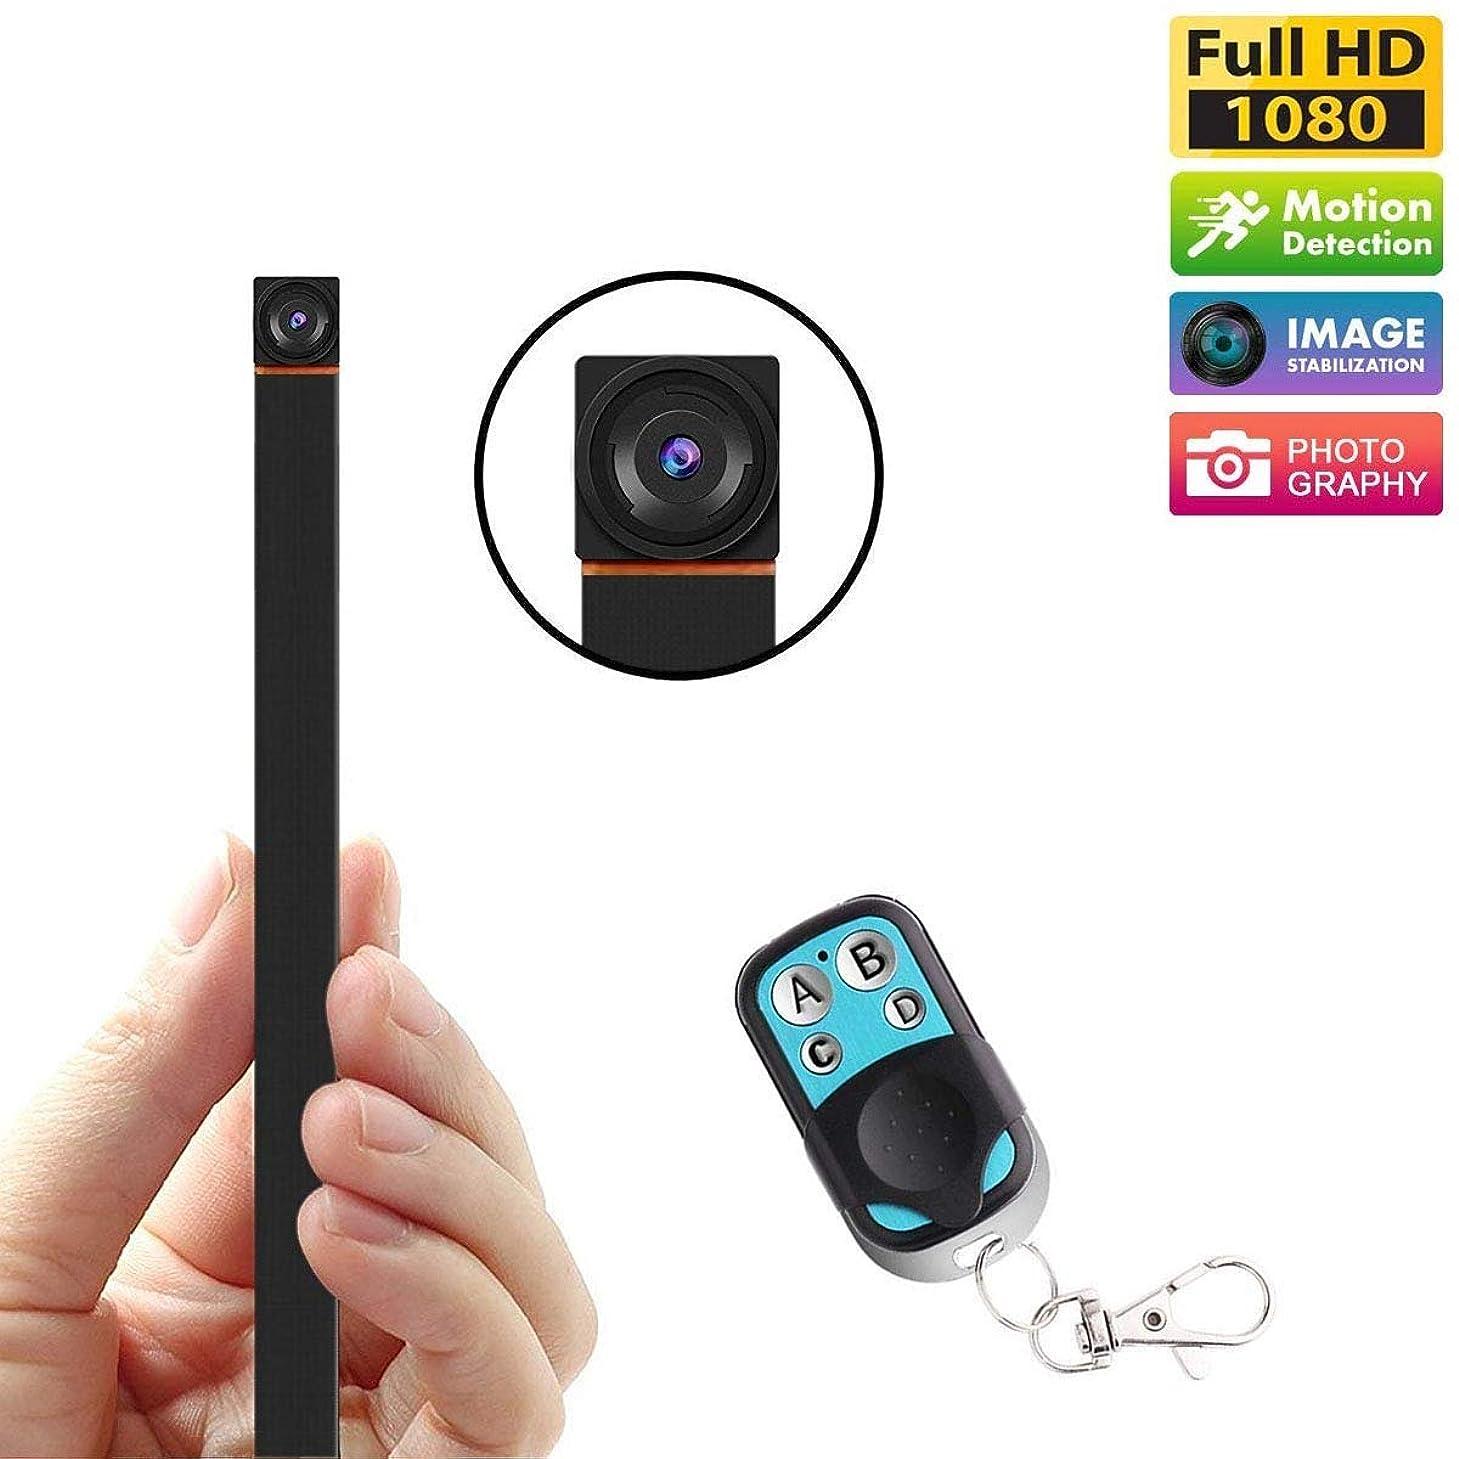 ティーンエイジャージャニスこっそり超小型カメラ ミニスパイ隠しカメラのHD 1080 p小型ビデオレコーダーホームセキュリティ監視カメラ隠密小さな乳母カムモーション検出リモコン付き (Color : +128G memory card)